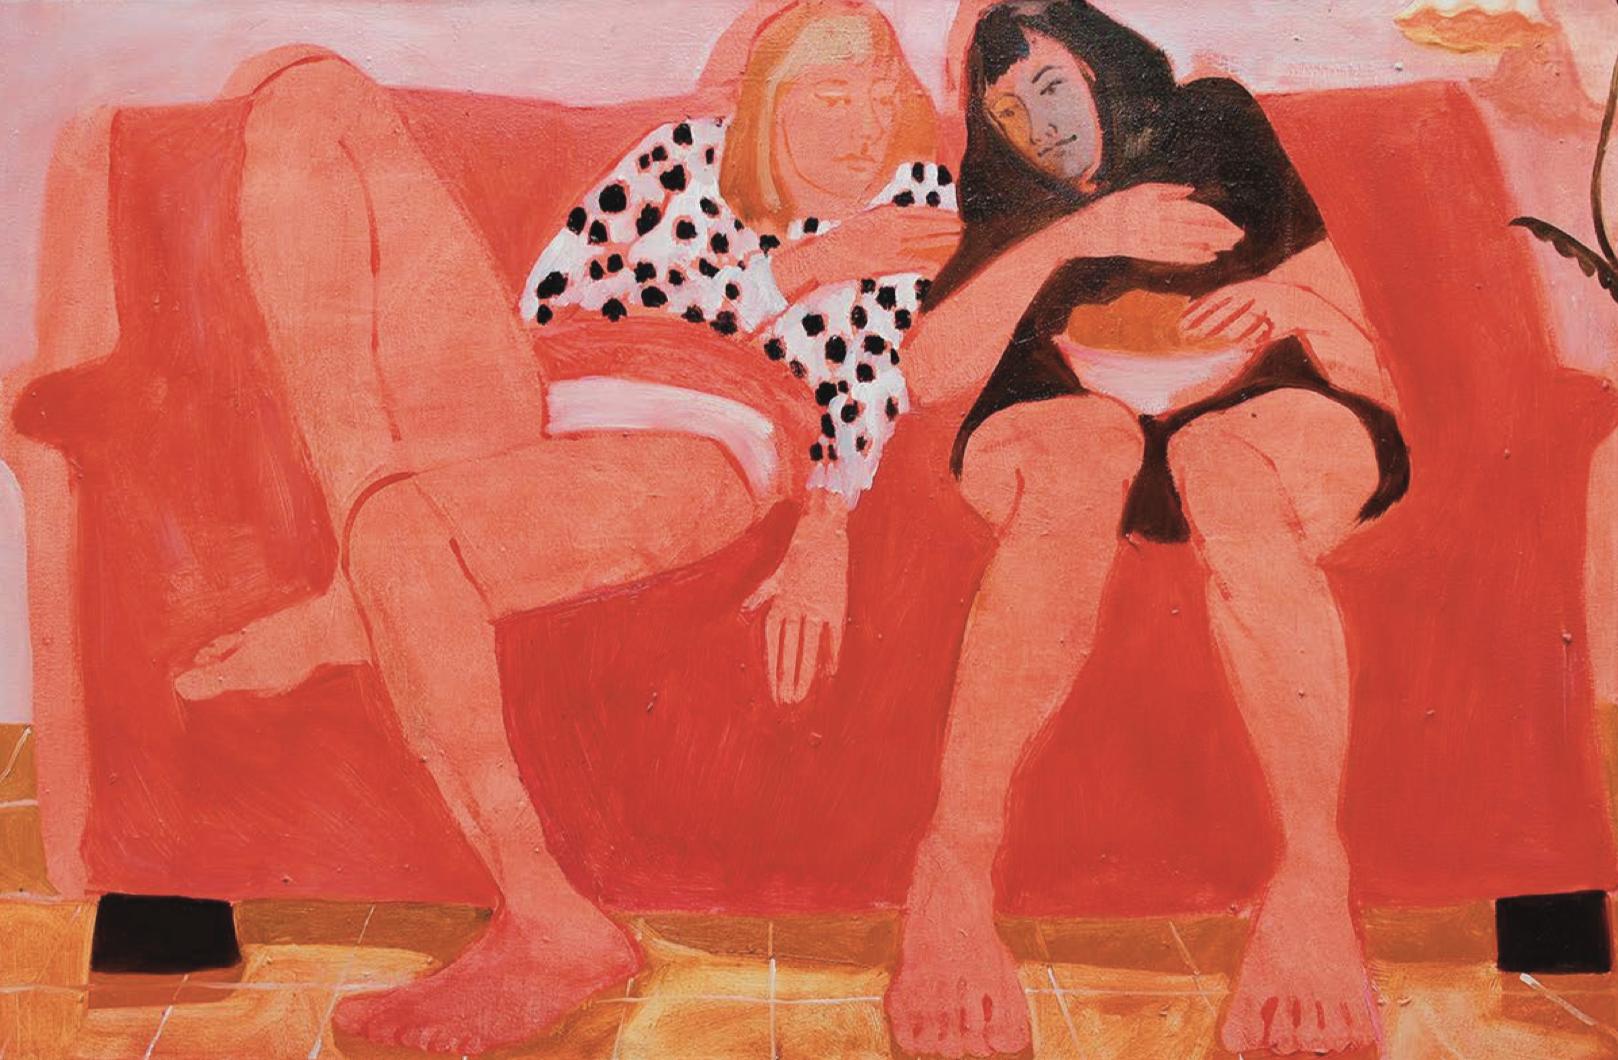 Nettle Grellier,  Zesty Resters,  oil on canvas